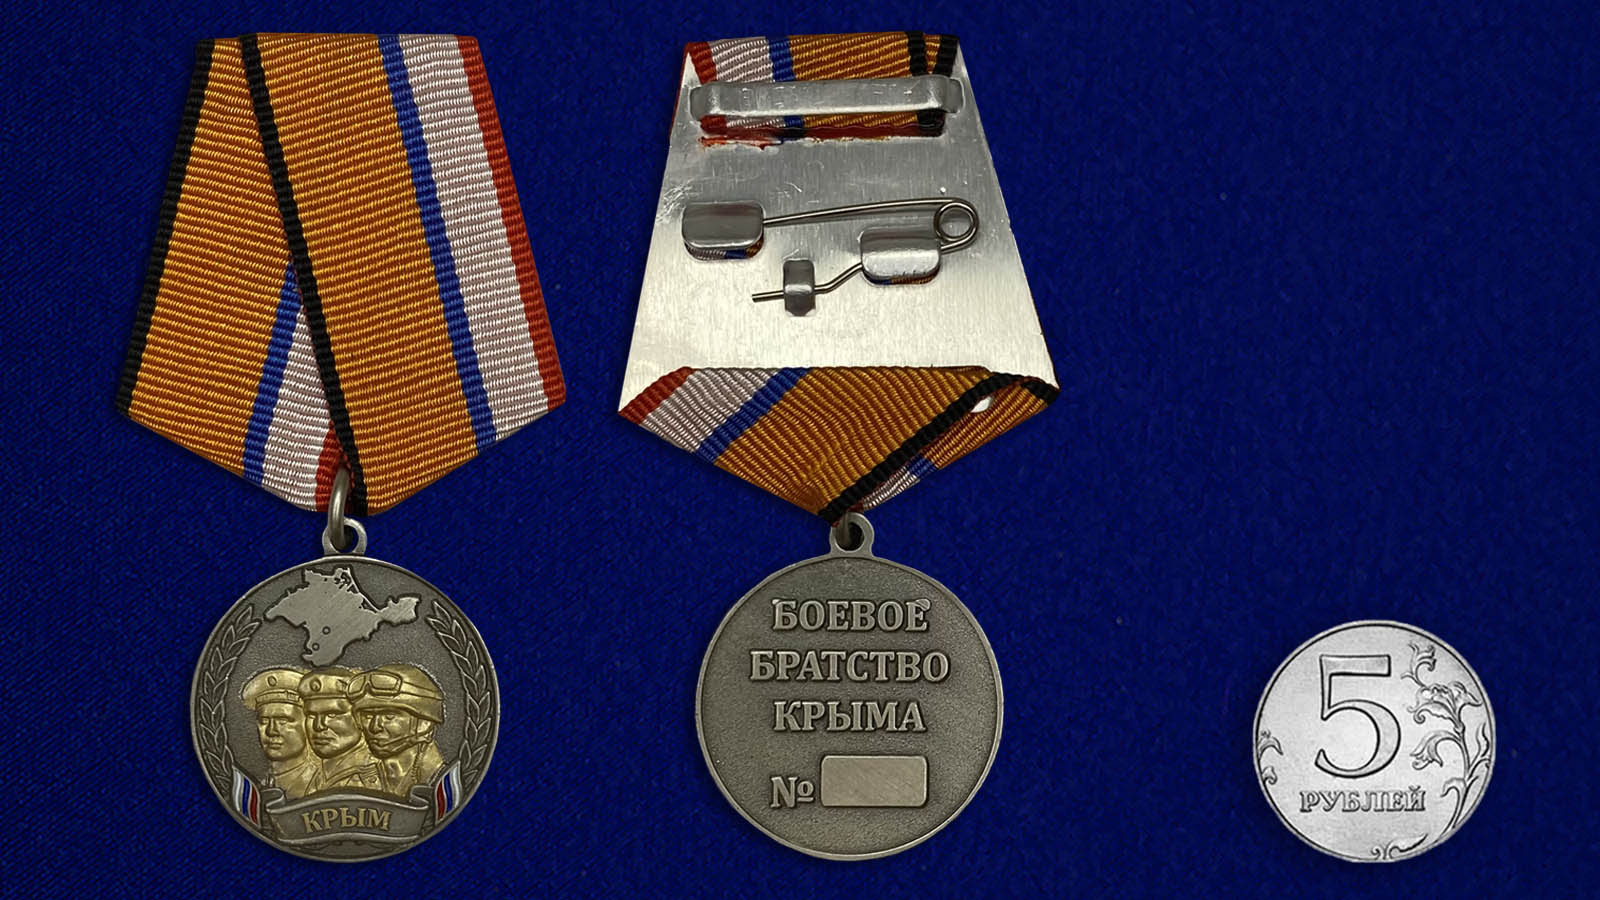 """Памятная медаль """"Боевое братство Крыма"""" - сравнительный вид"""